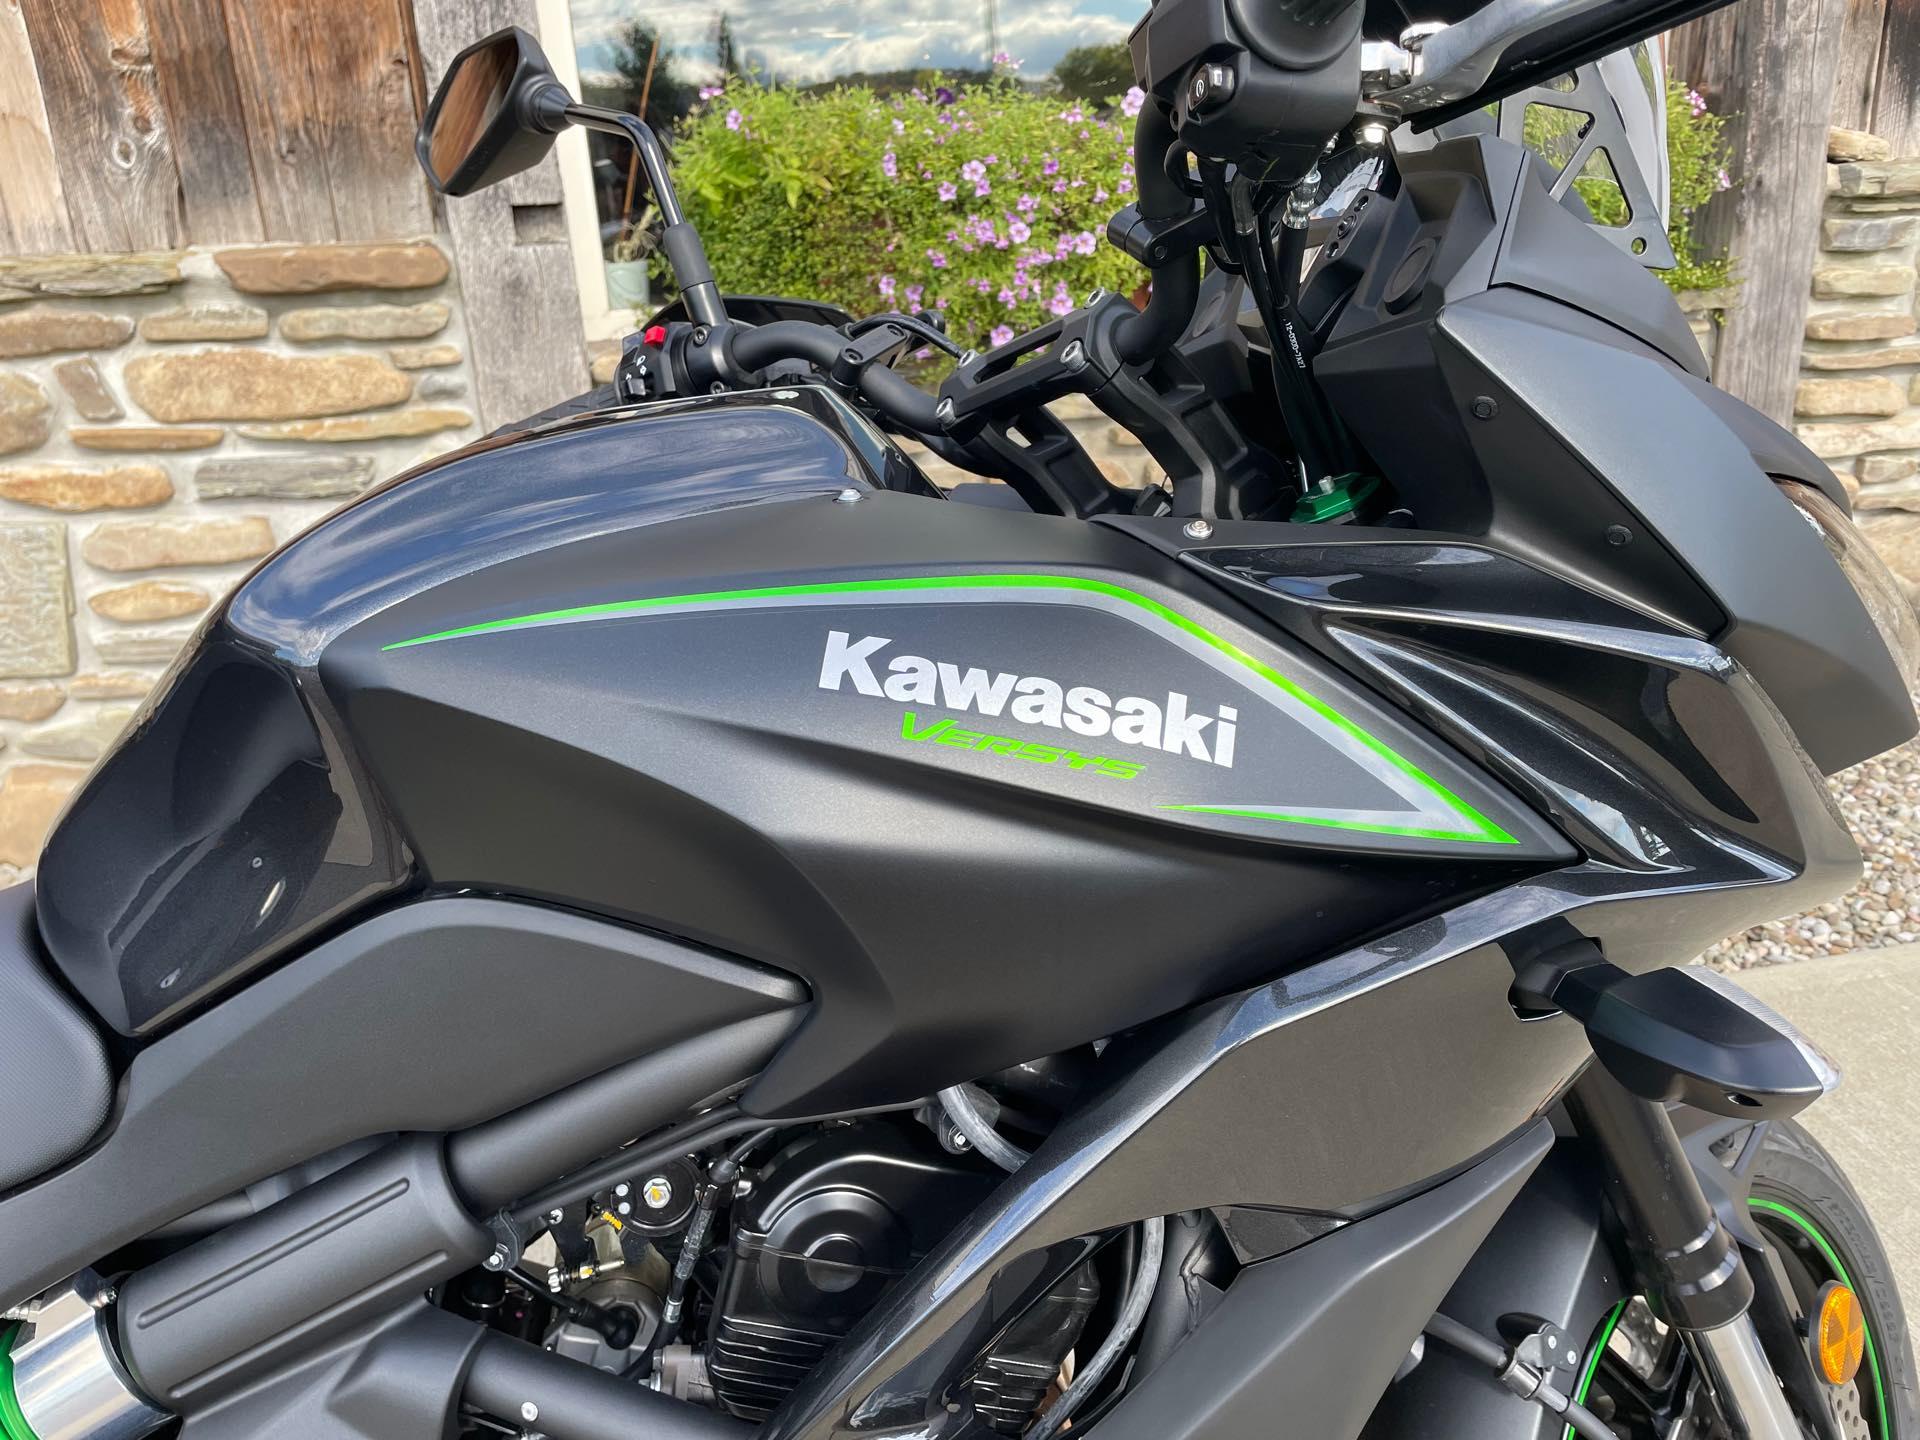 2017 Kawasaki Versys 650 LT at Arkport Cycles